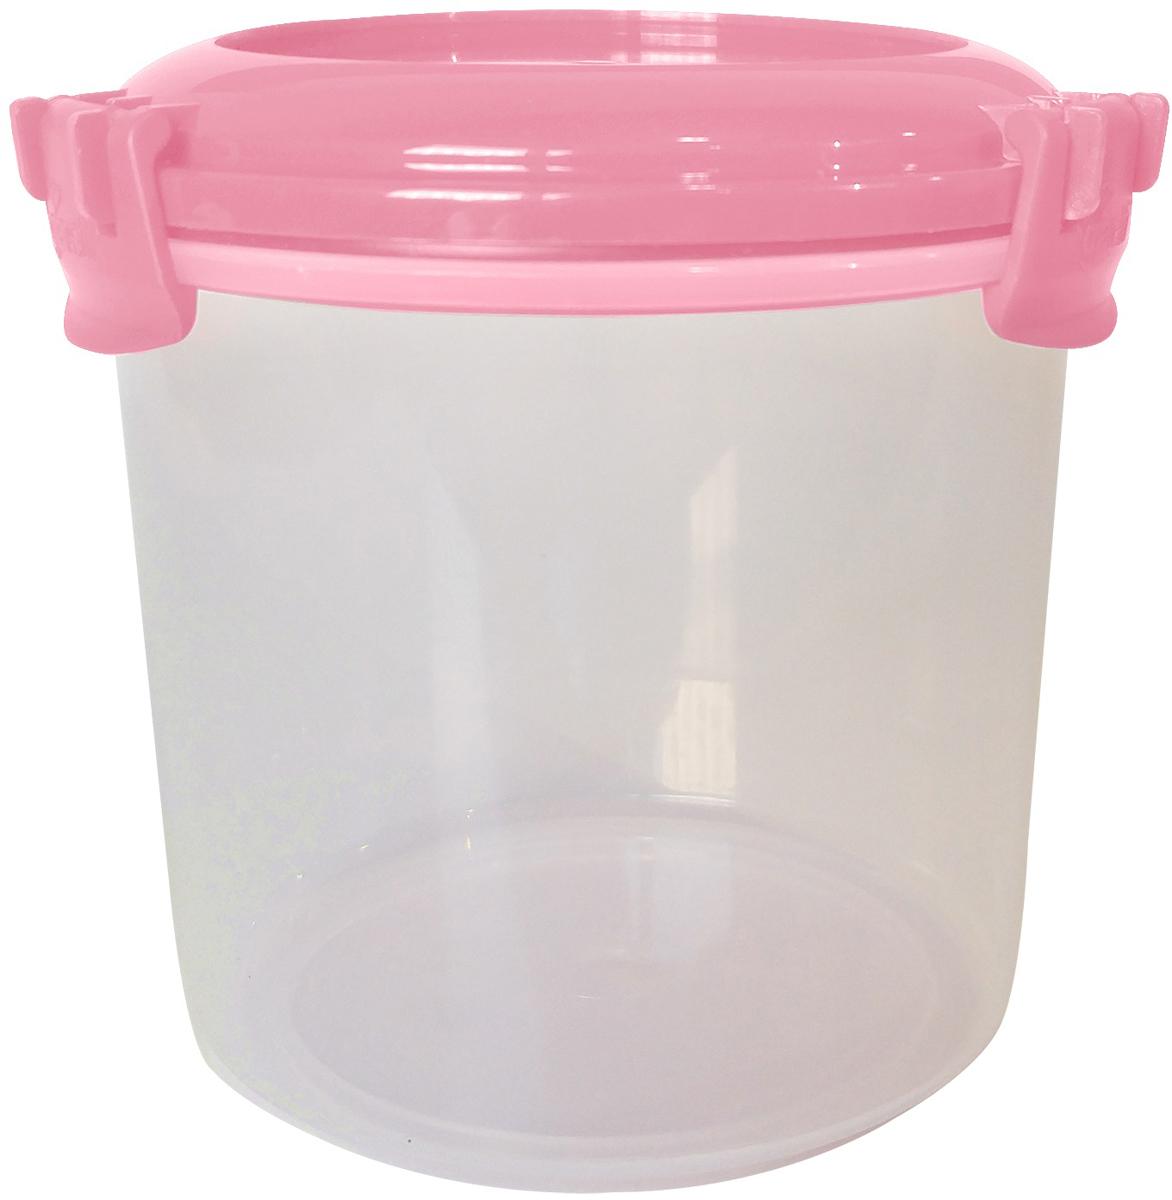 Емкость для продуктов Giaretti Fresco, цвет: клубничный лед, 0,7 л емкость для продуктов giaretti цвет оливковая роща 1 35 л